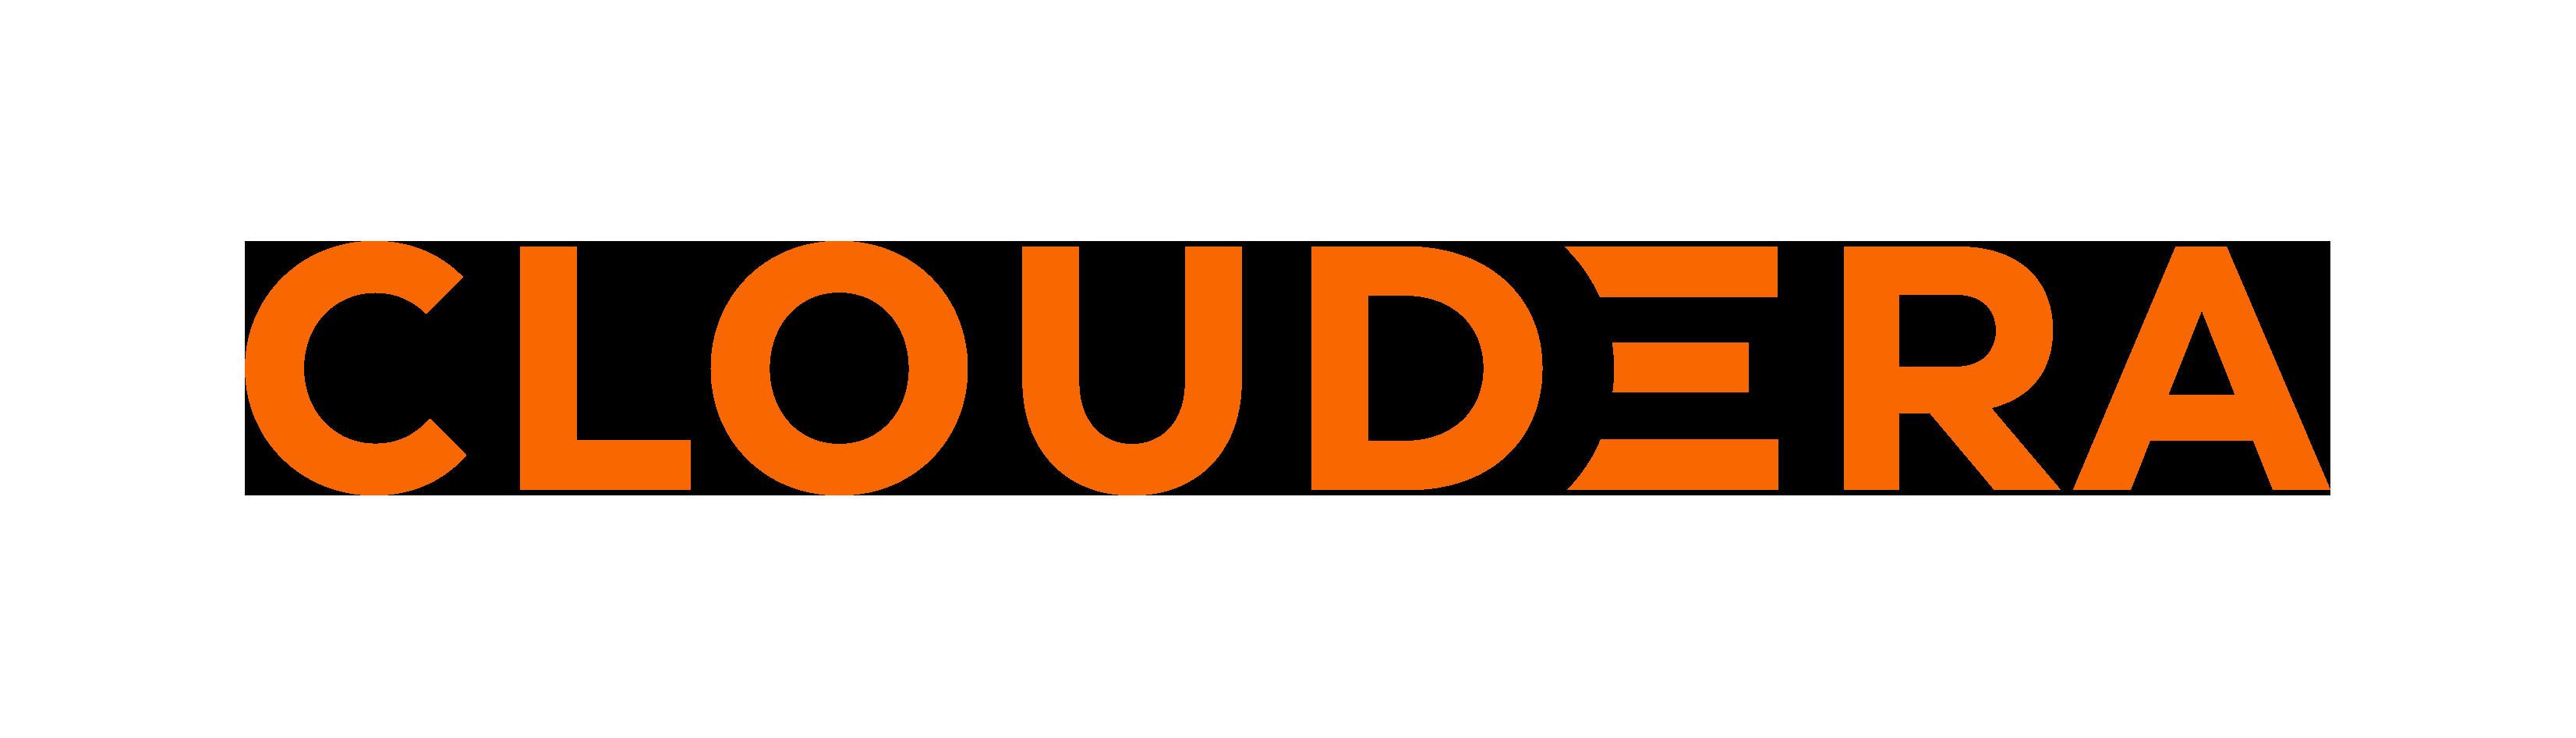 Cloudera CDP企业数据云平台